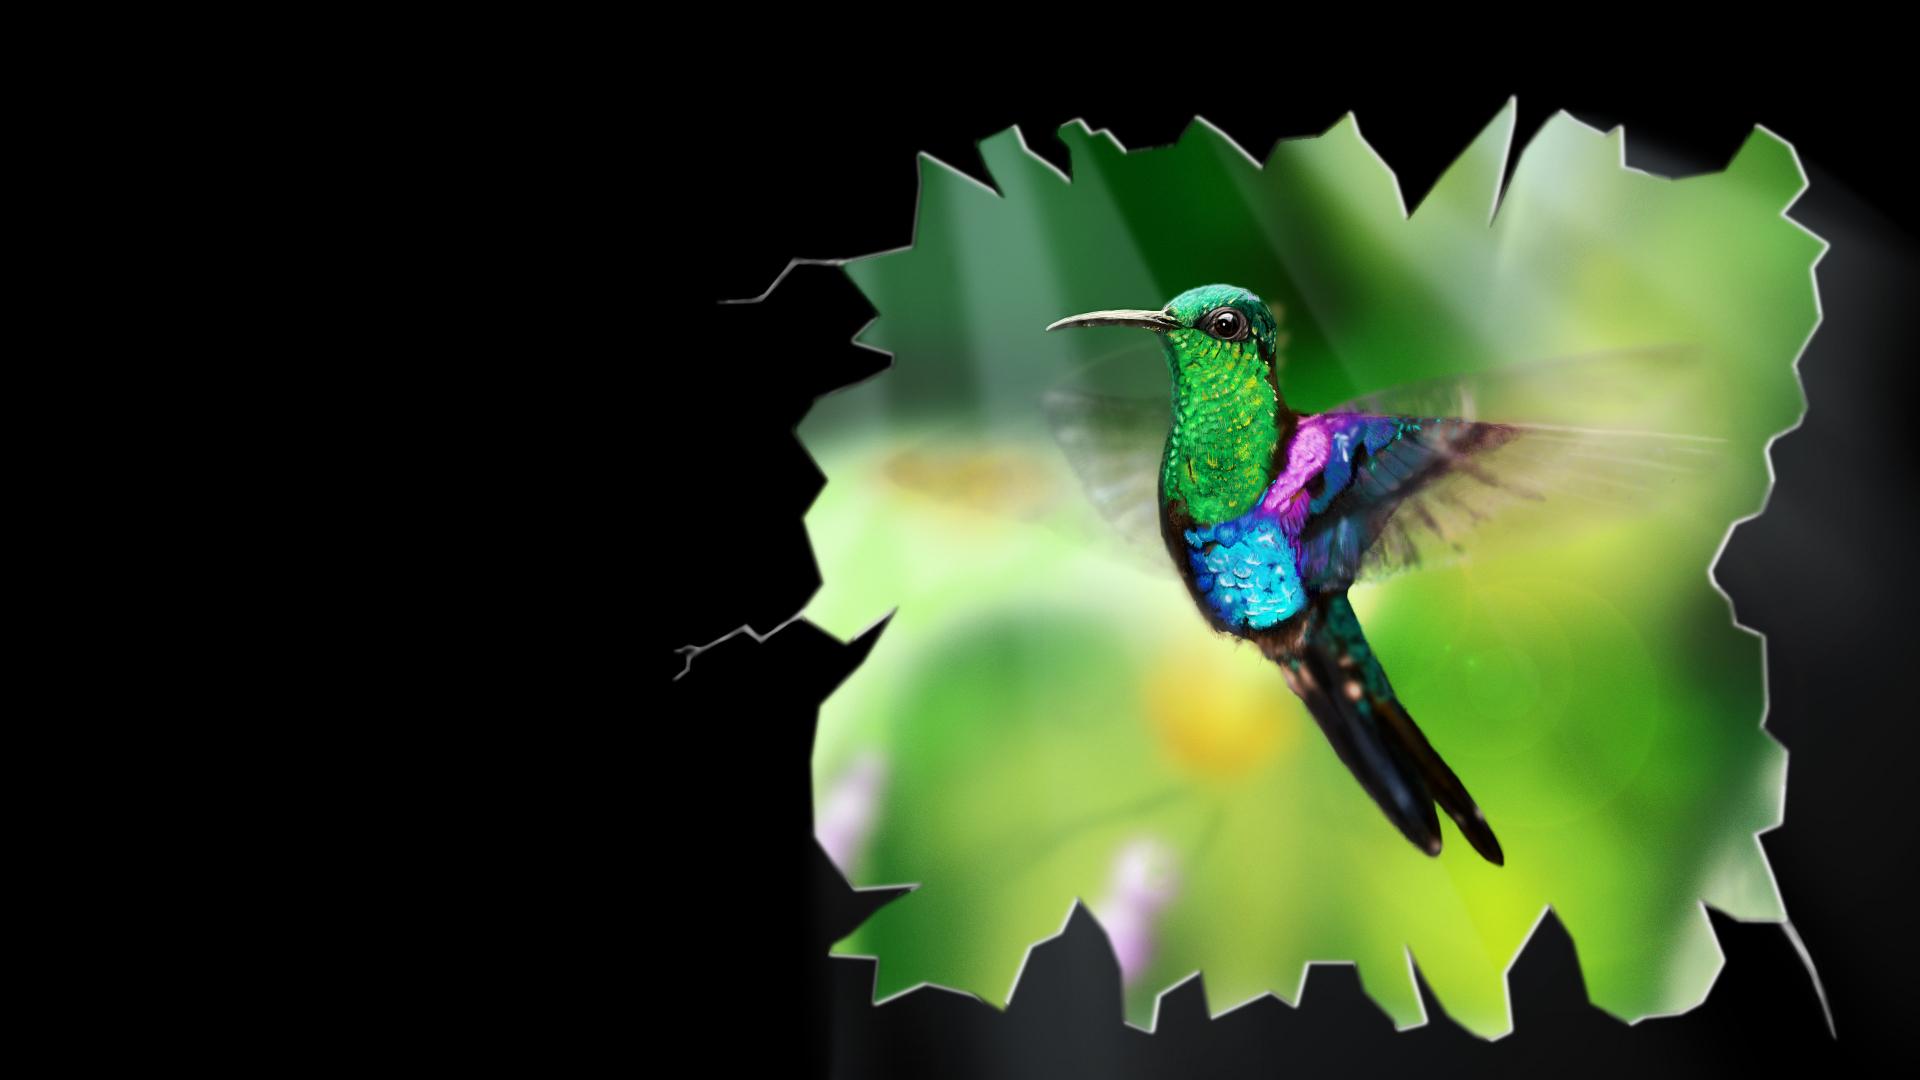 De Drukke Kolibrie Wallpaper